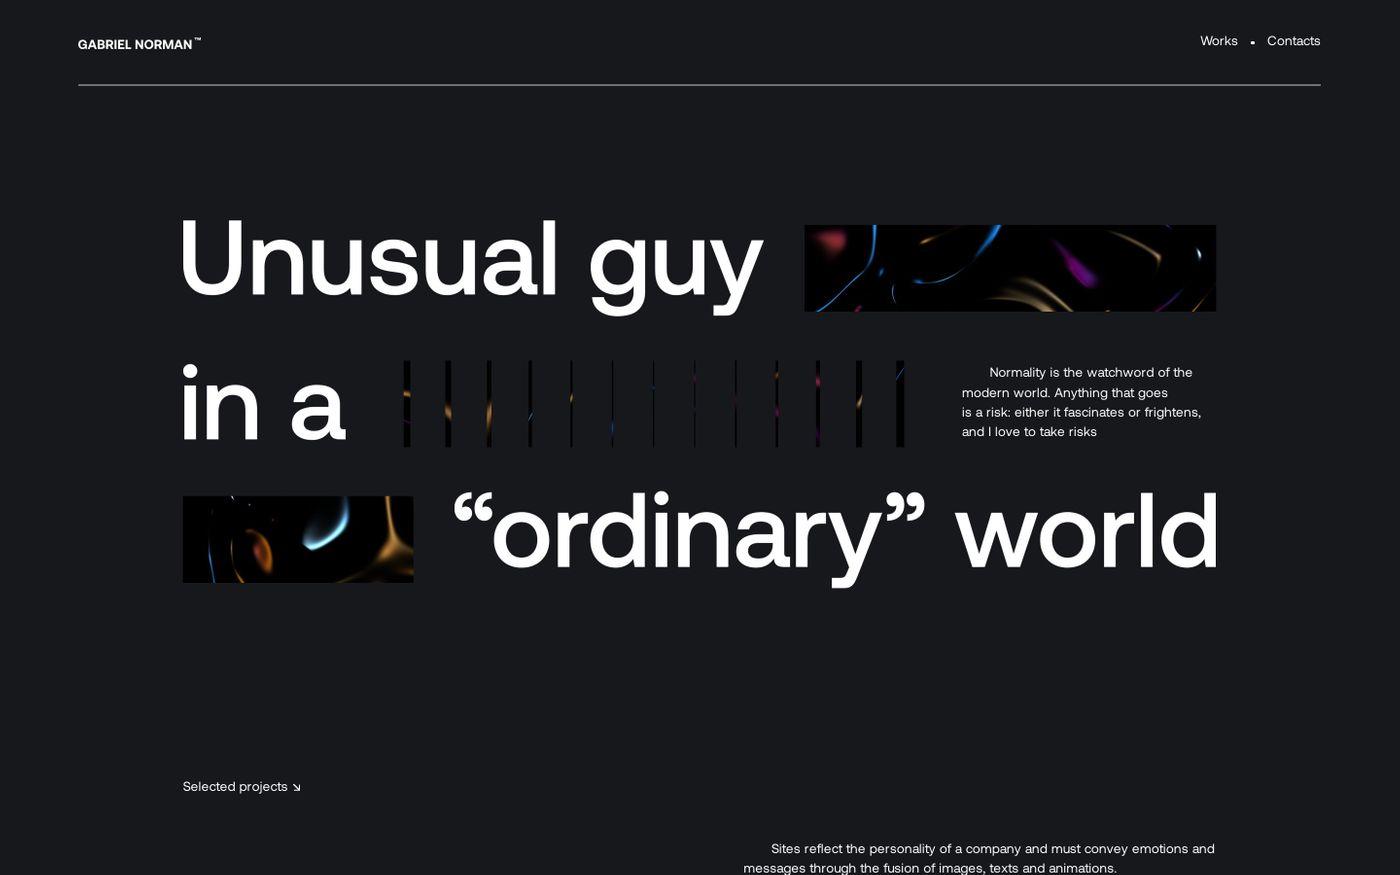 Screenshot of Gabriel Norman website